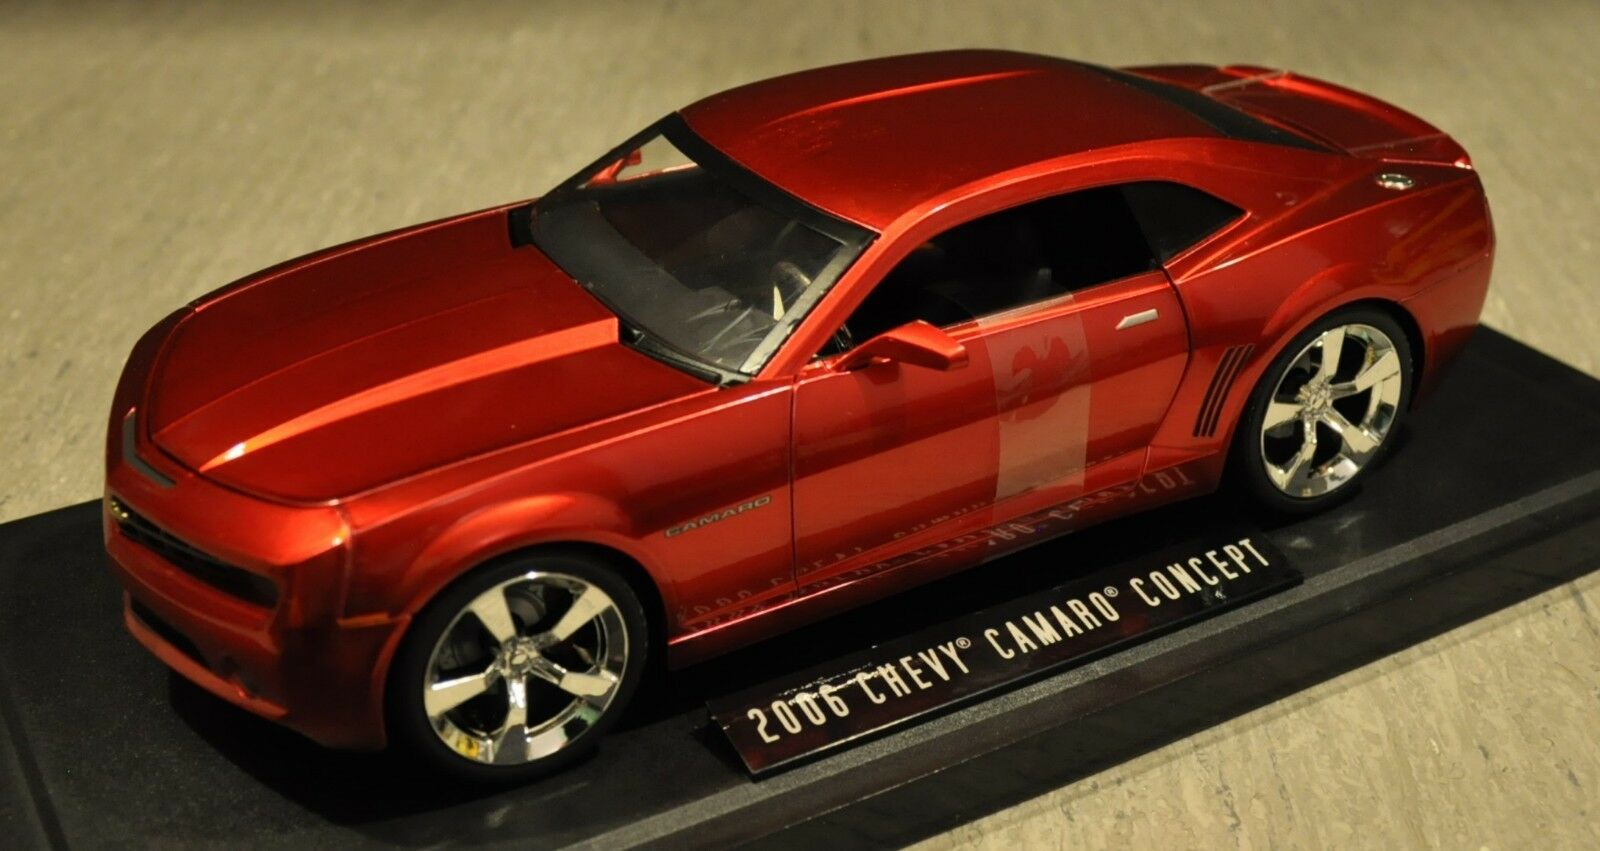 Jada chevy camaro konzept 2006 - feder - 1,18 - metallisch rot